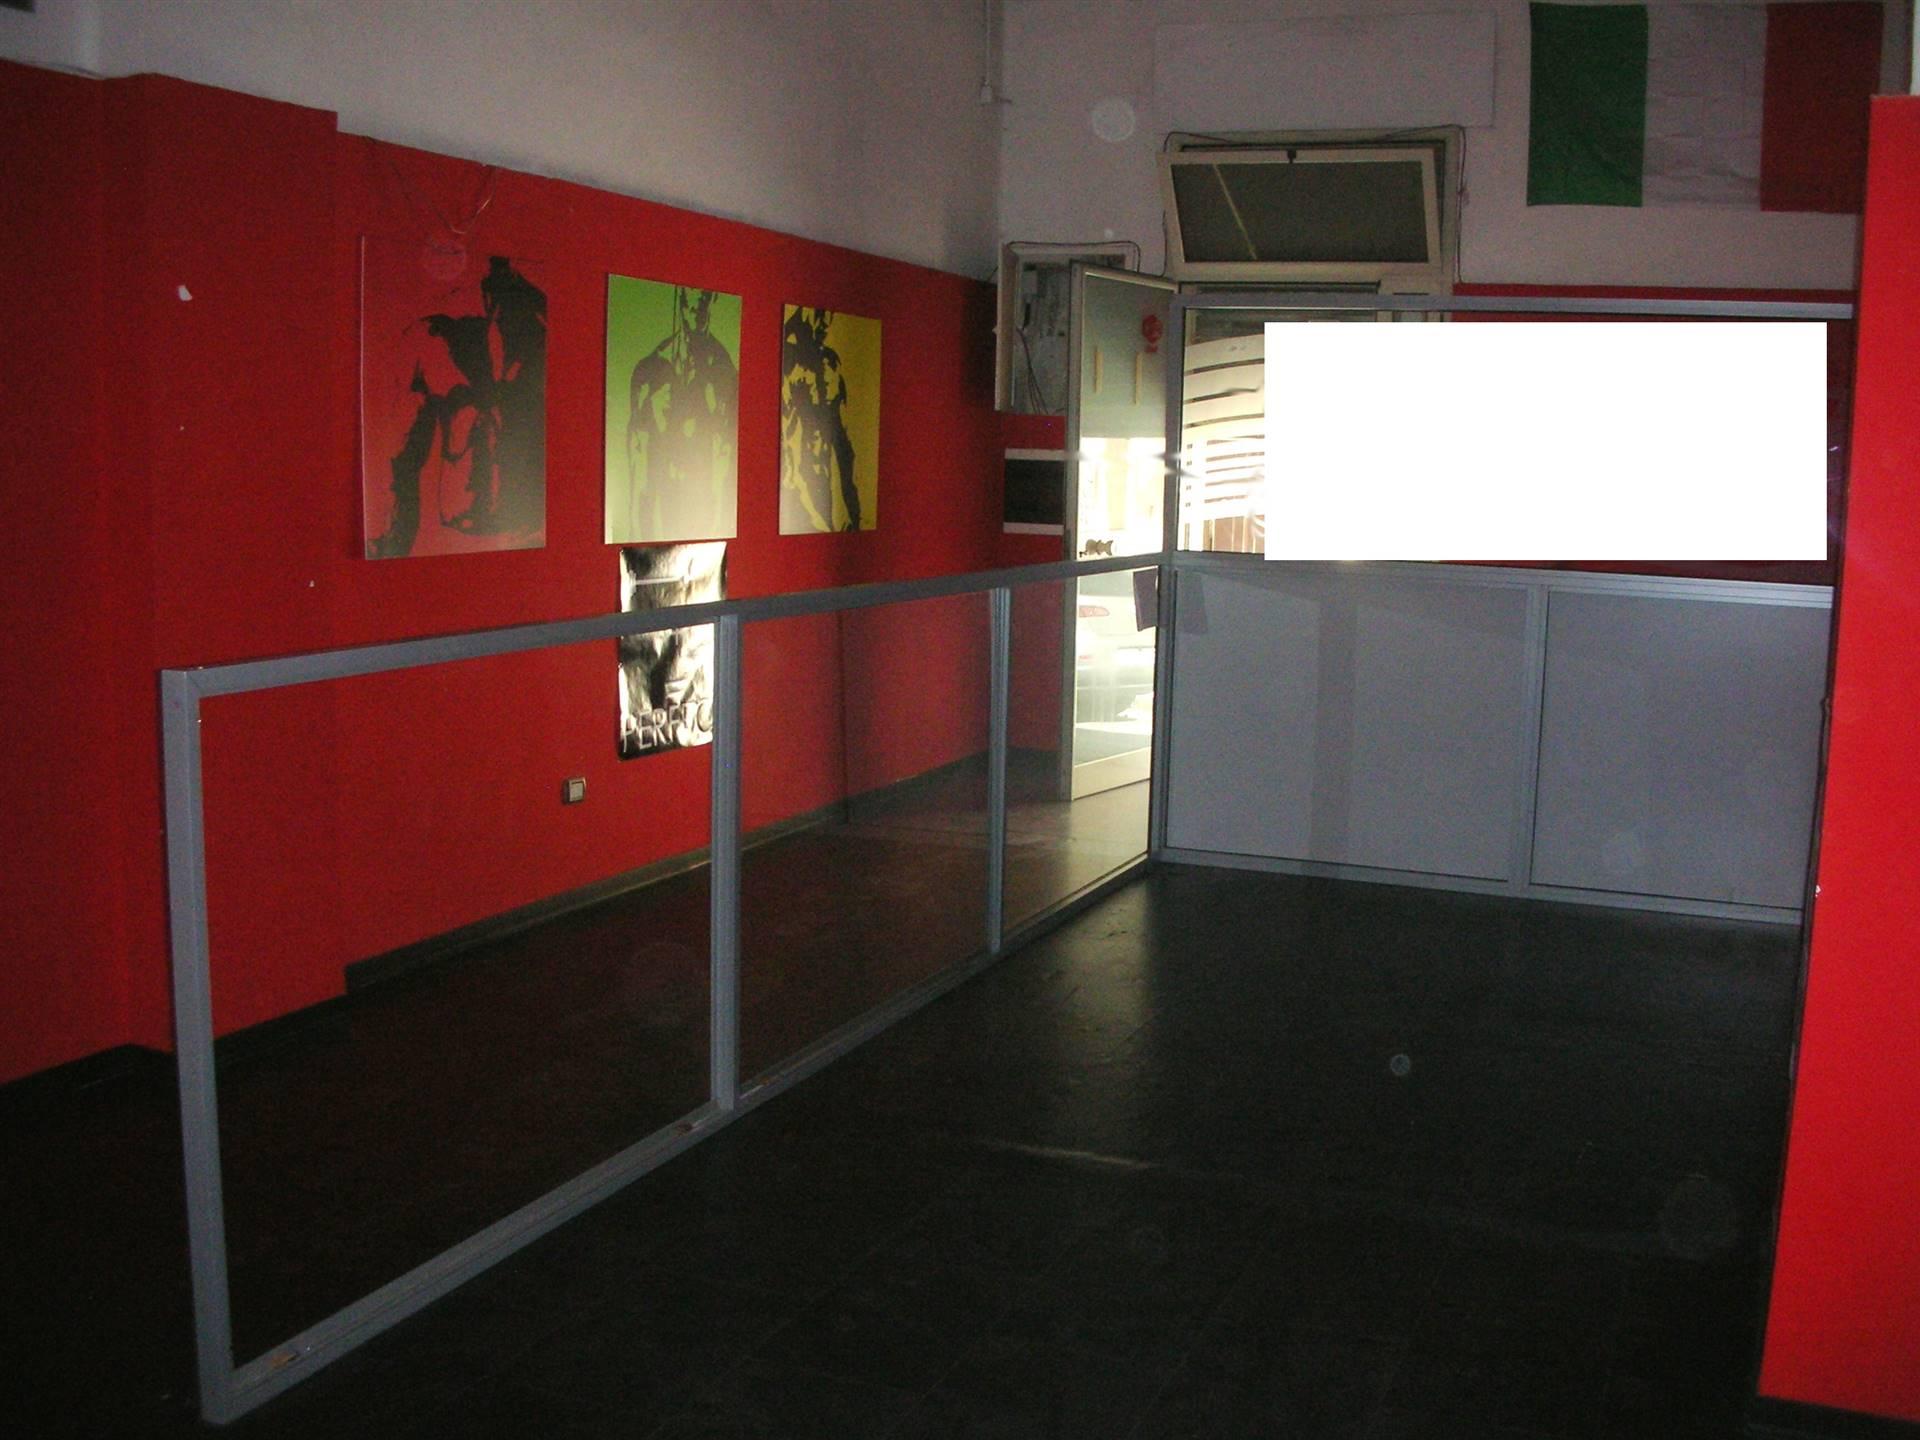 Immobile Commerciale in vendita a Canosa di Puglia, 2 locali, Trattative riservate | CambioCasa.it